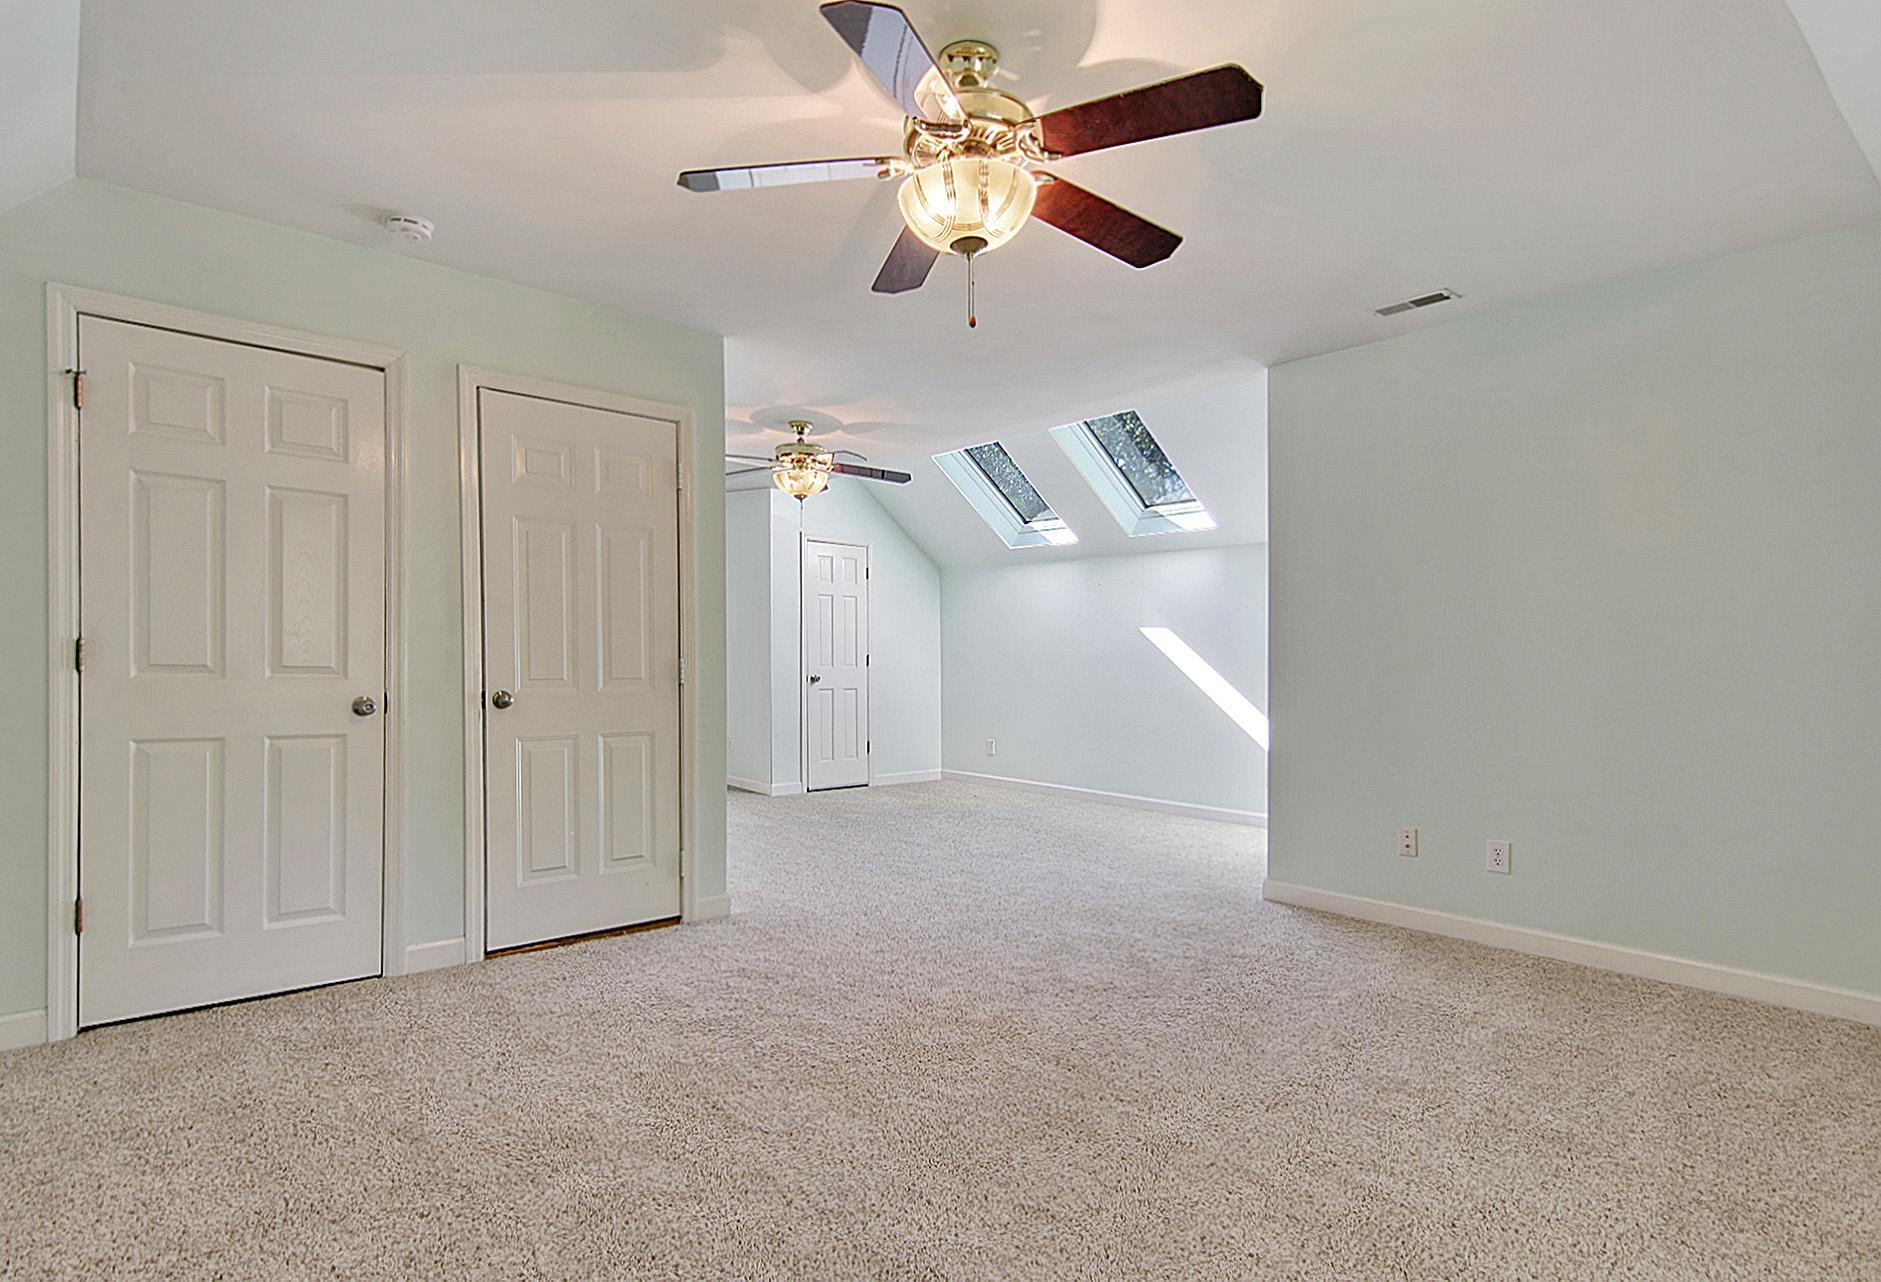 Dunes West Homes For Sale - 2236 Black Oak, Mount Pleasant, SC - 24